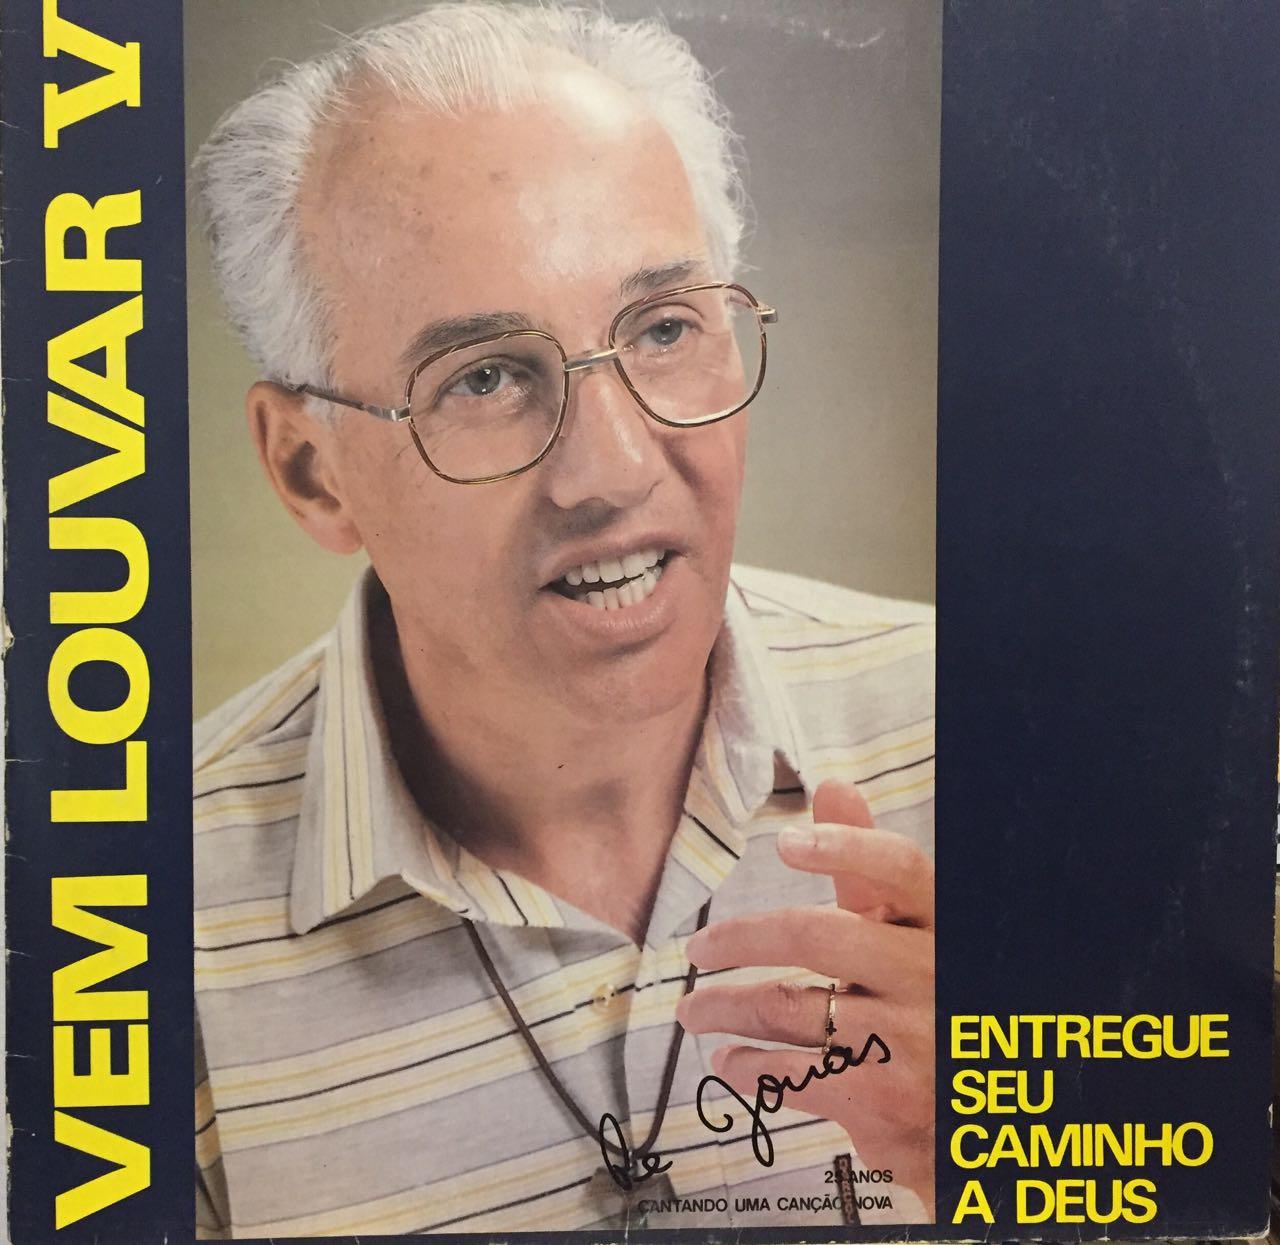 Album 1989 - Vem Louvar V - Entregue Seu Caminho a Deus